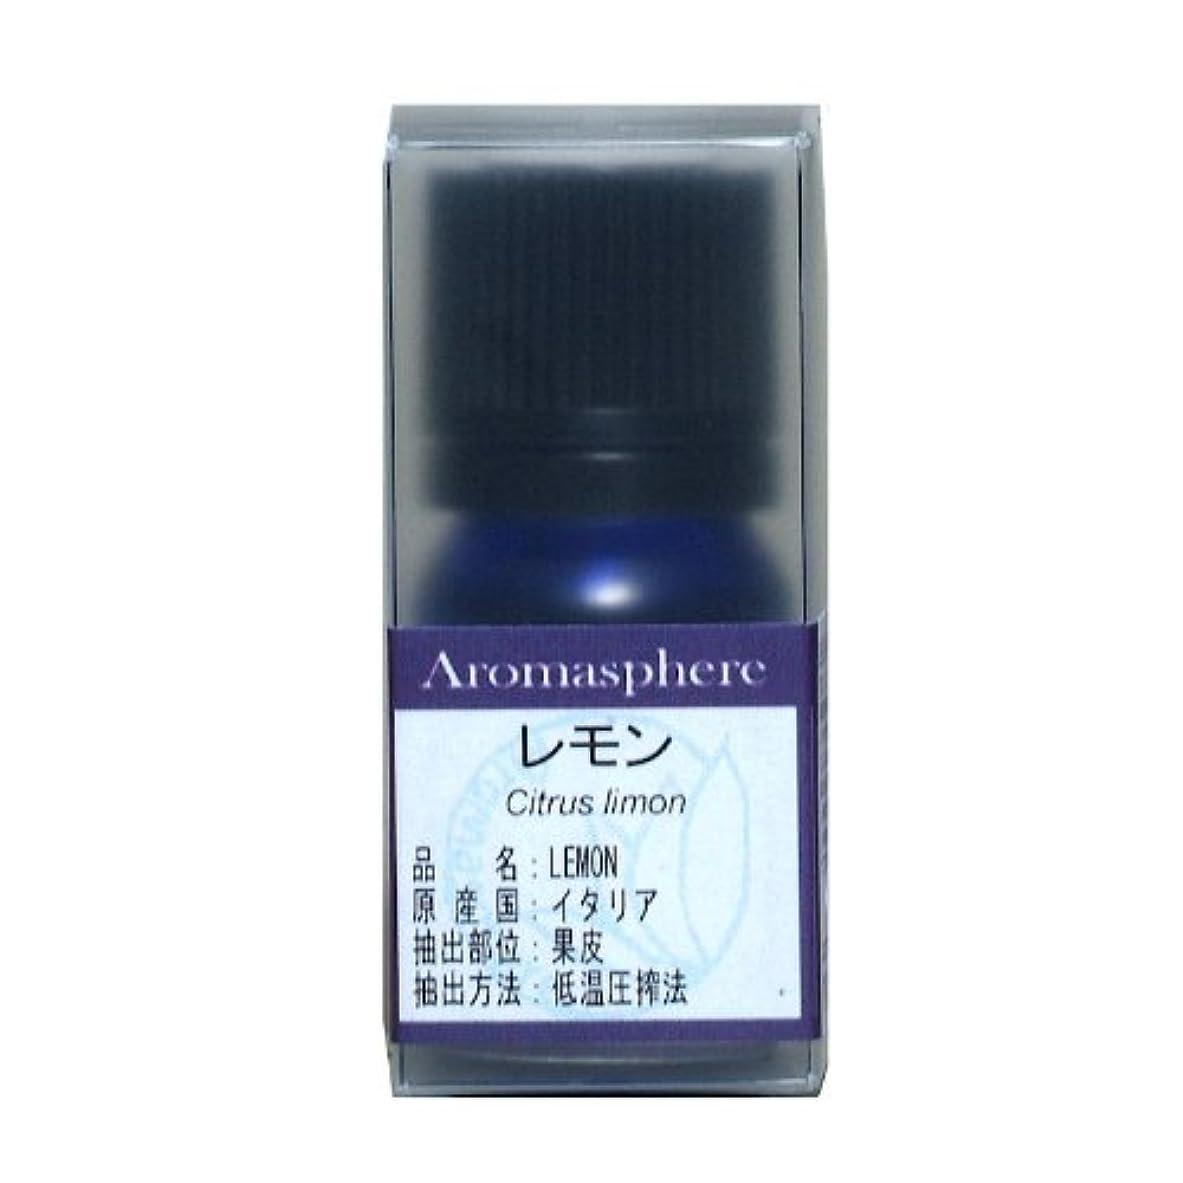 一流コピー送信する【アロマスフィア】レモン 5ml エッセンシャルオイル(精油)